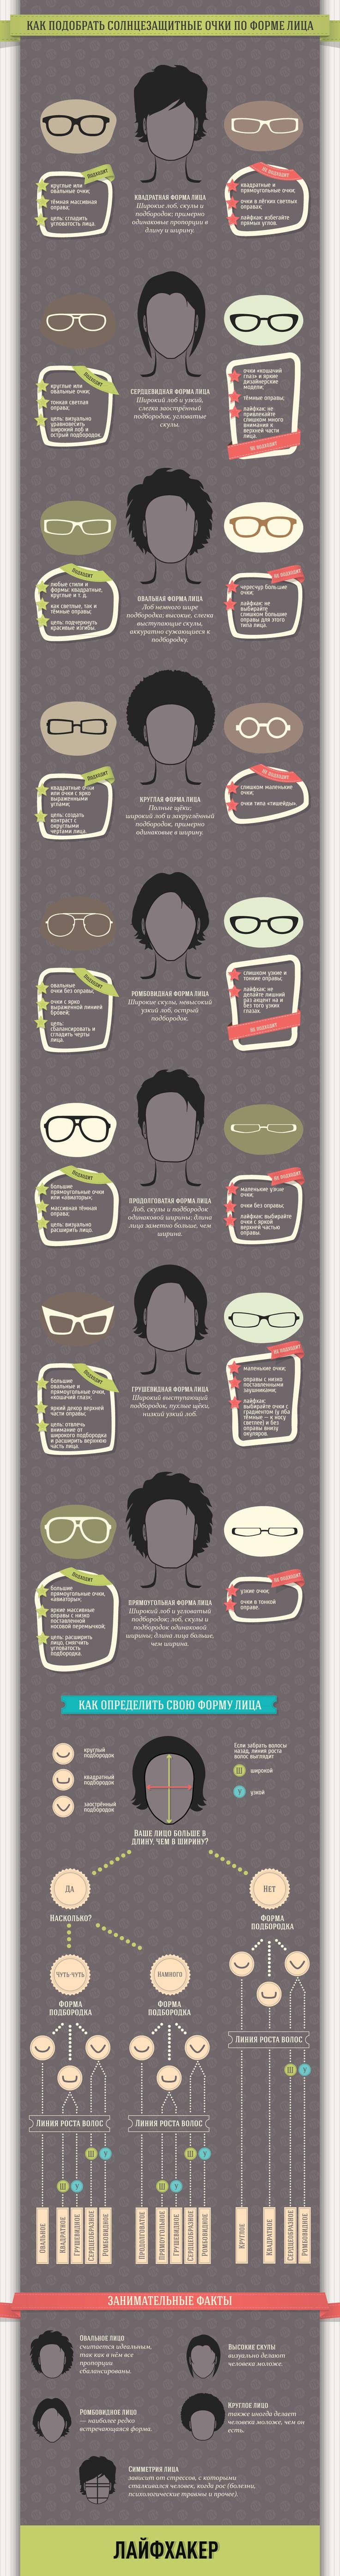 Как подобрать очки по форме лица? Очень просто — стоит лишь воспользоваться нашей инфографикой.